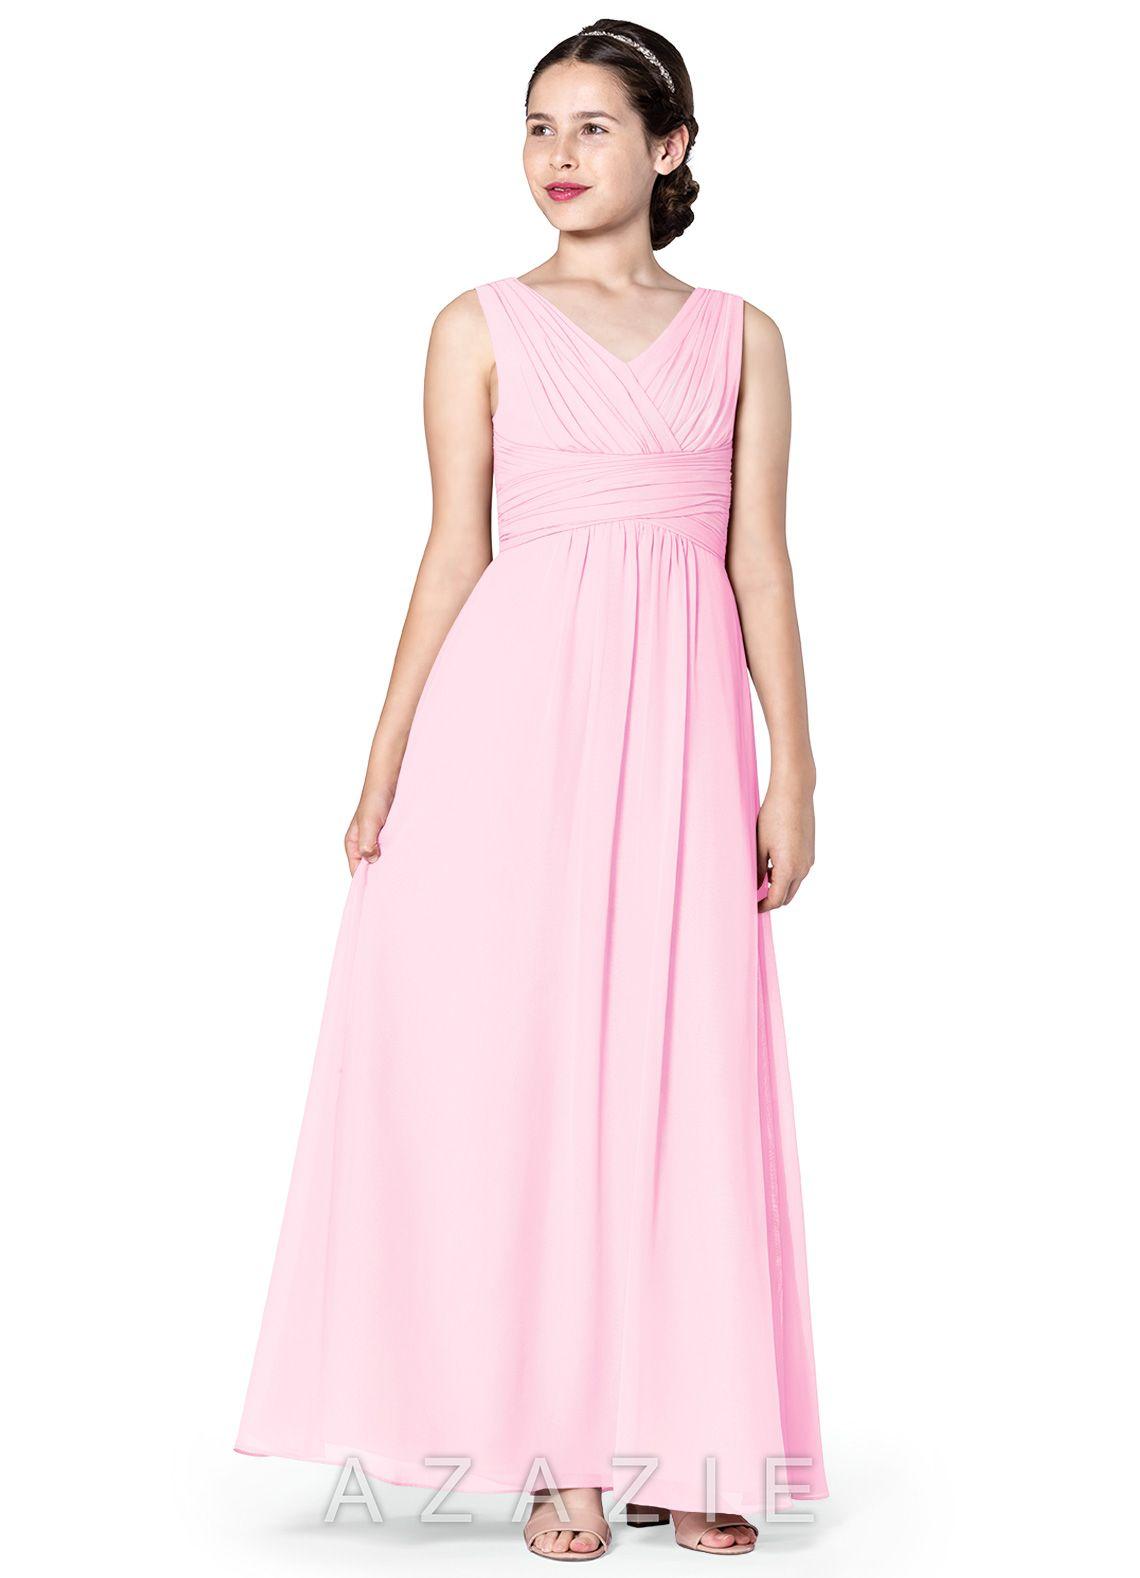 64c56768041 Azazie Emersyn JBD Junior Bridesmaid Dress